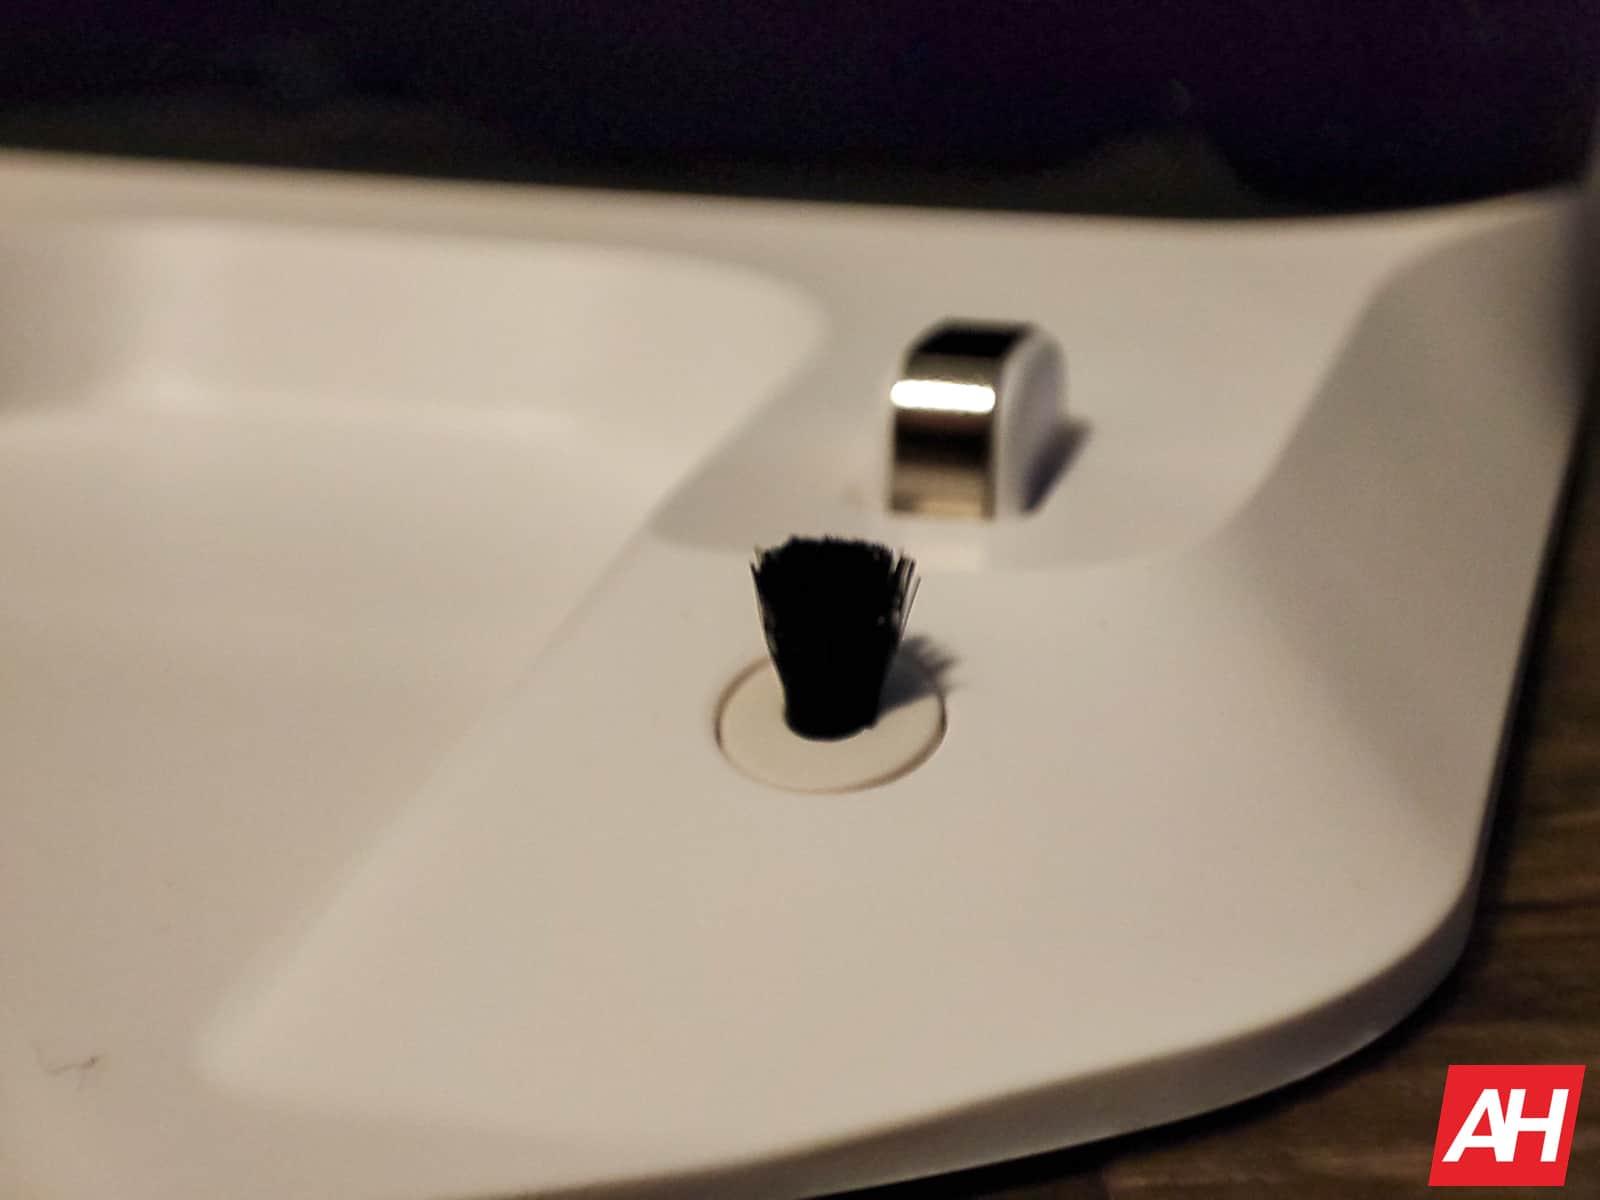 Roborock S7 Review AM AH